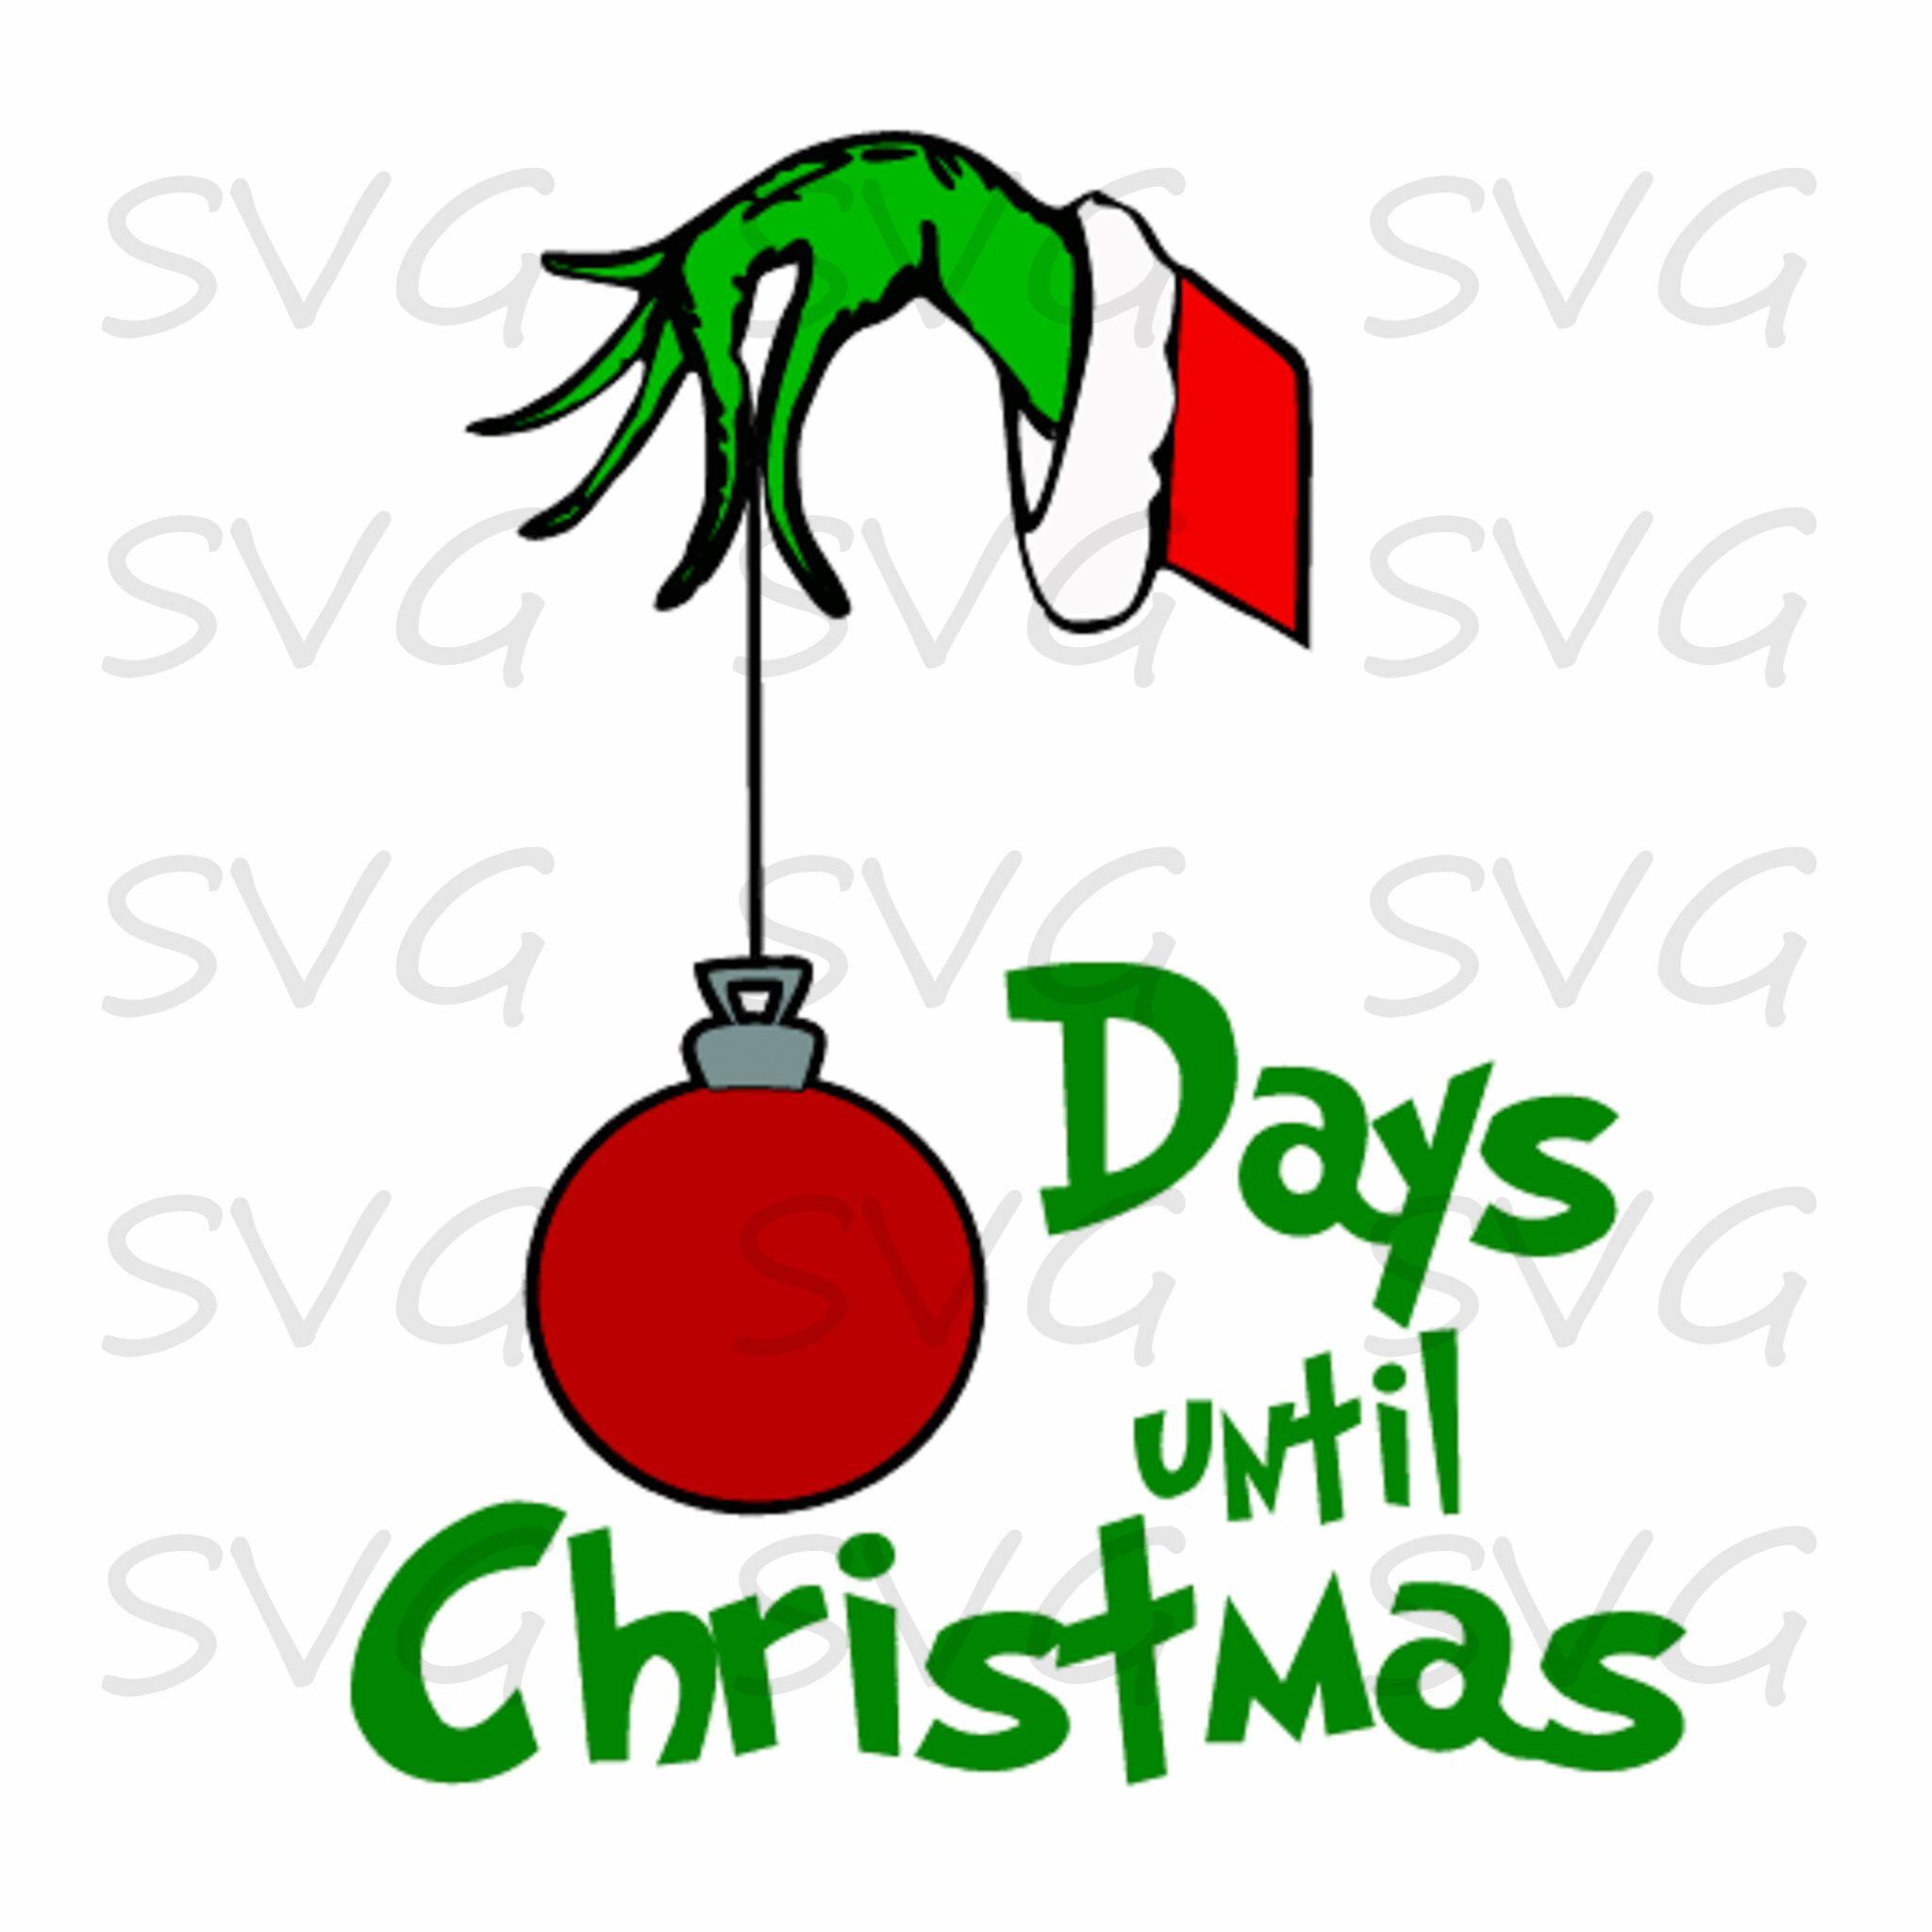 Christmas Grinch Svg.Countdown To Christmas Svg